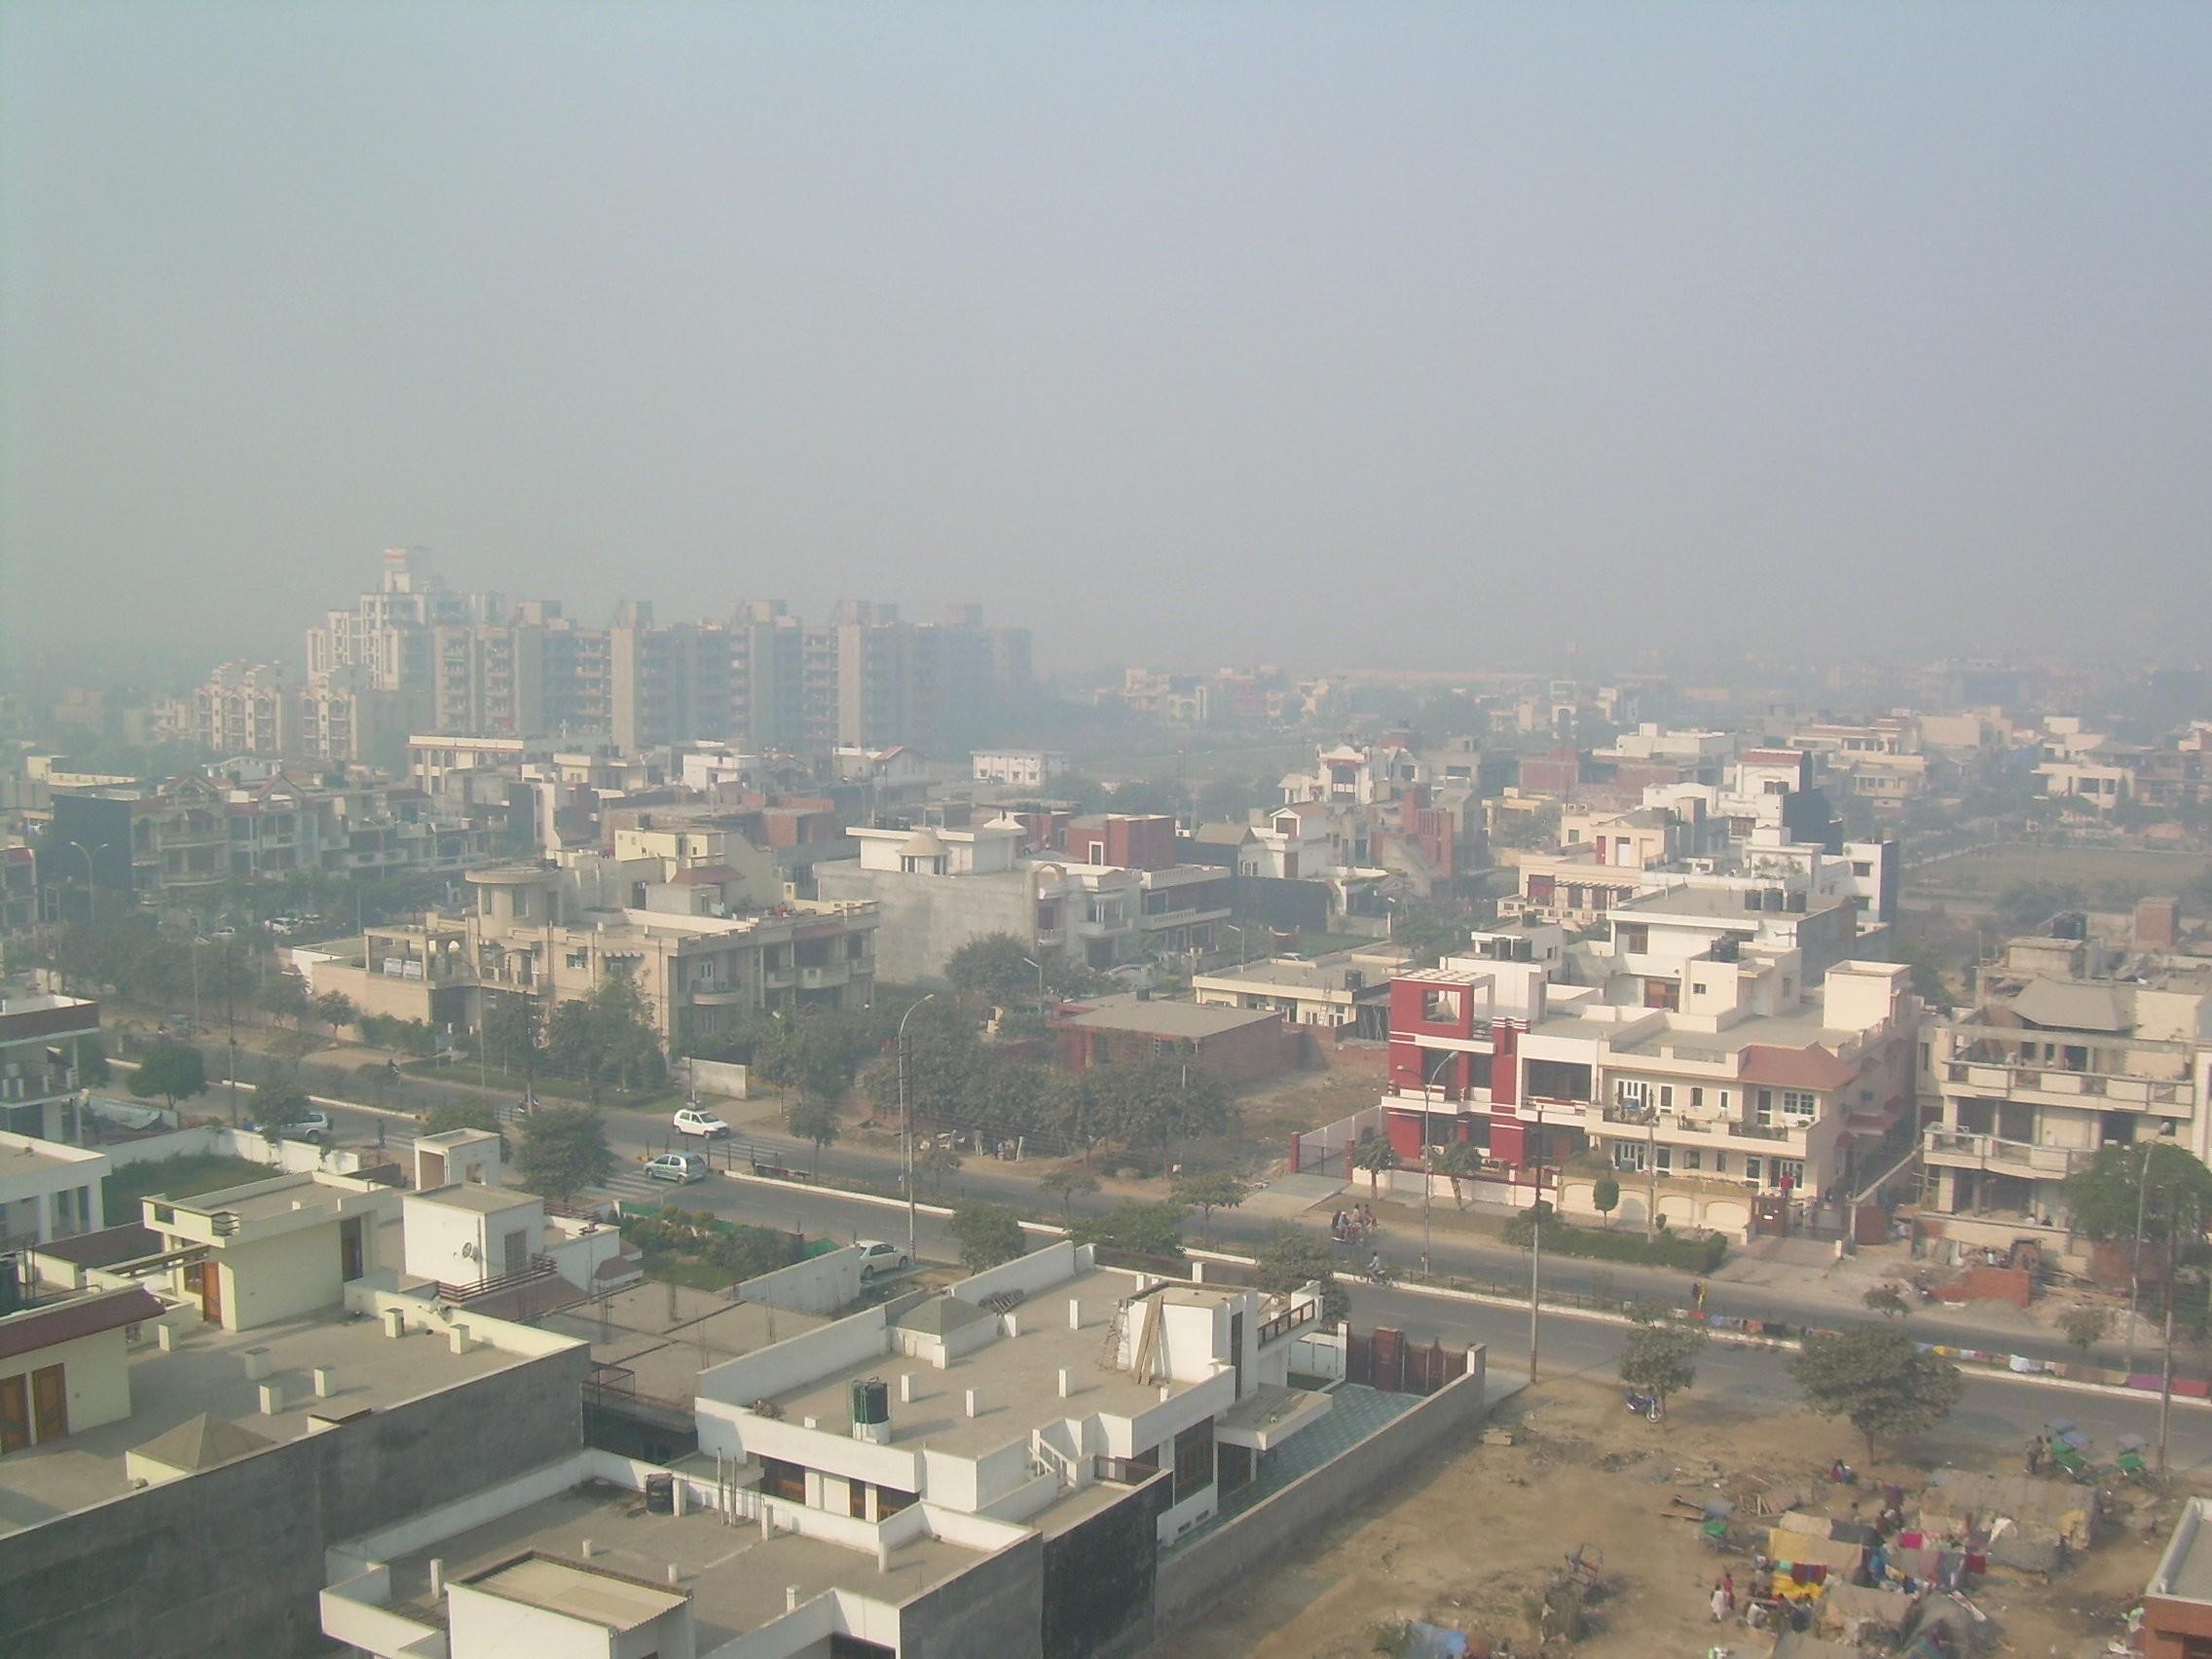 Nova Délhi, capital da Índia, sob uma nuvem de poluição (Foto: Wikimedia Commons)